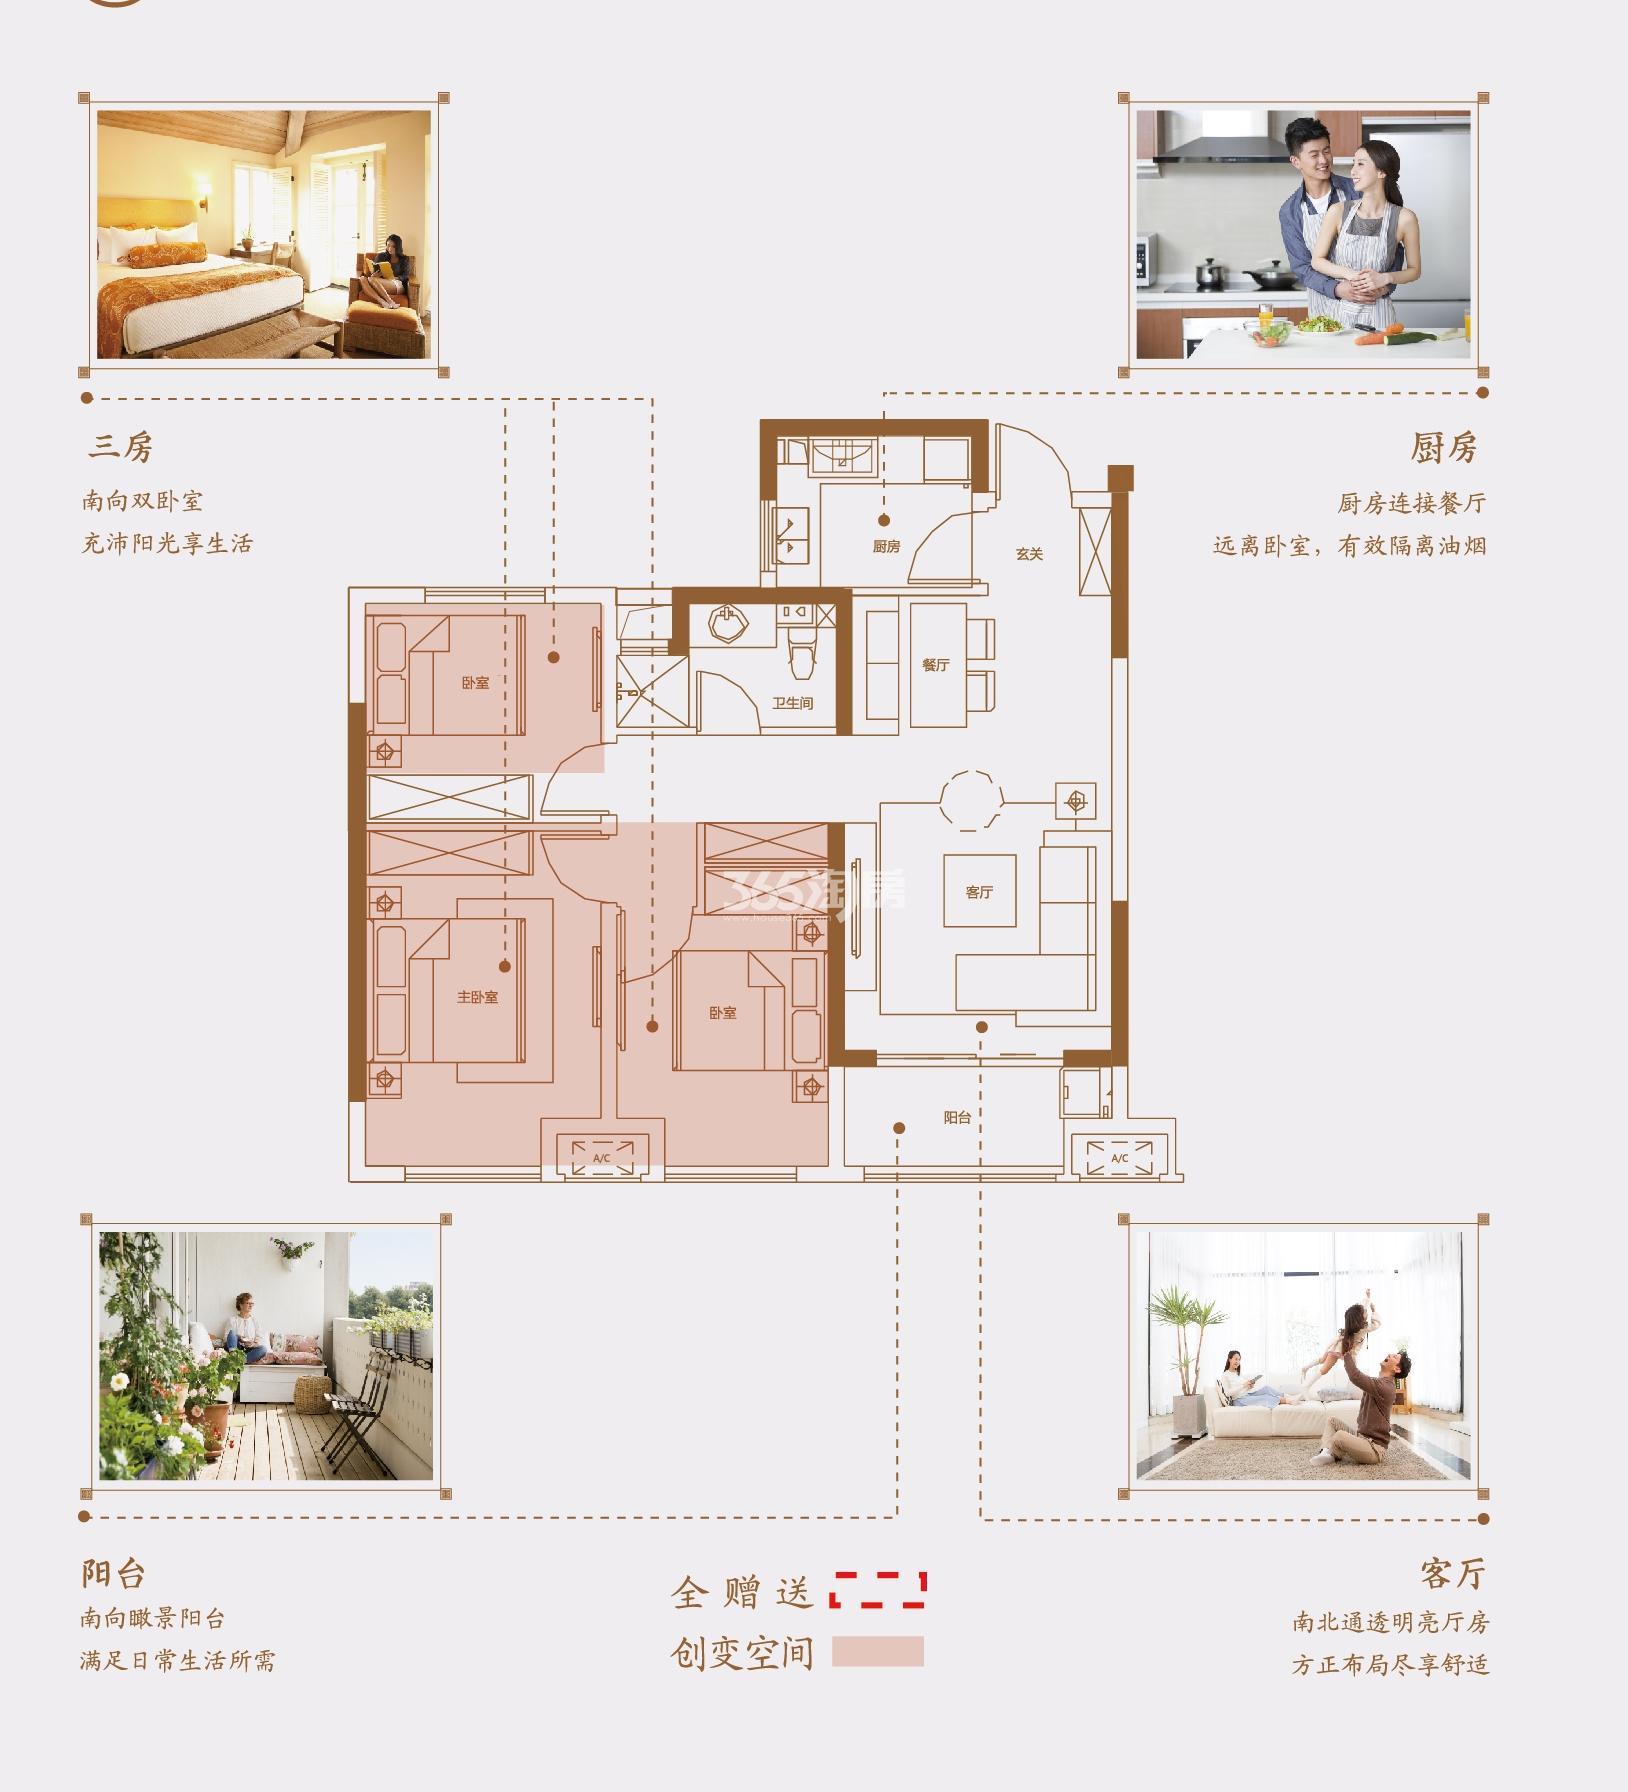 安建翰林天筑96㎡B户型三室两厅一卫